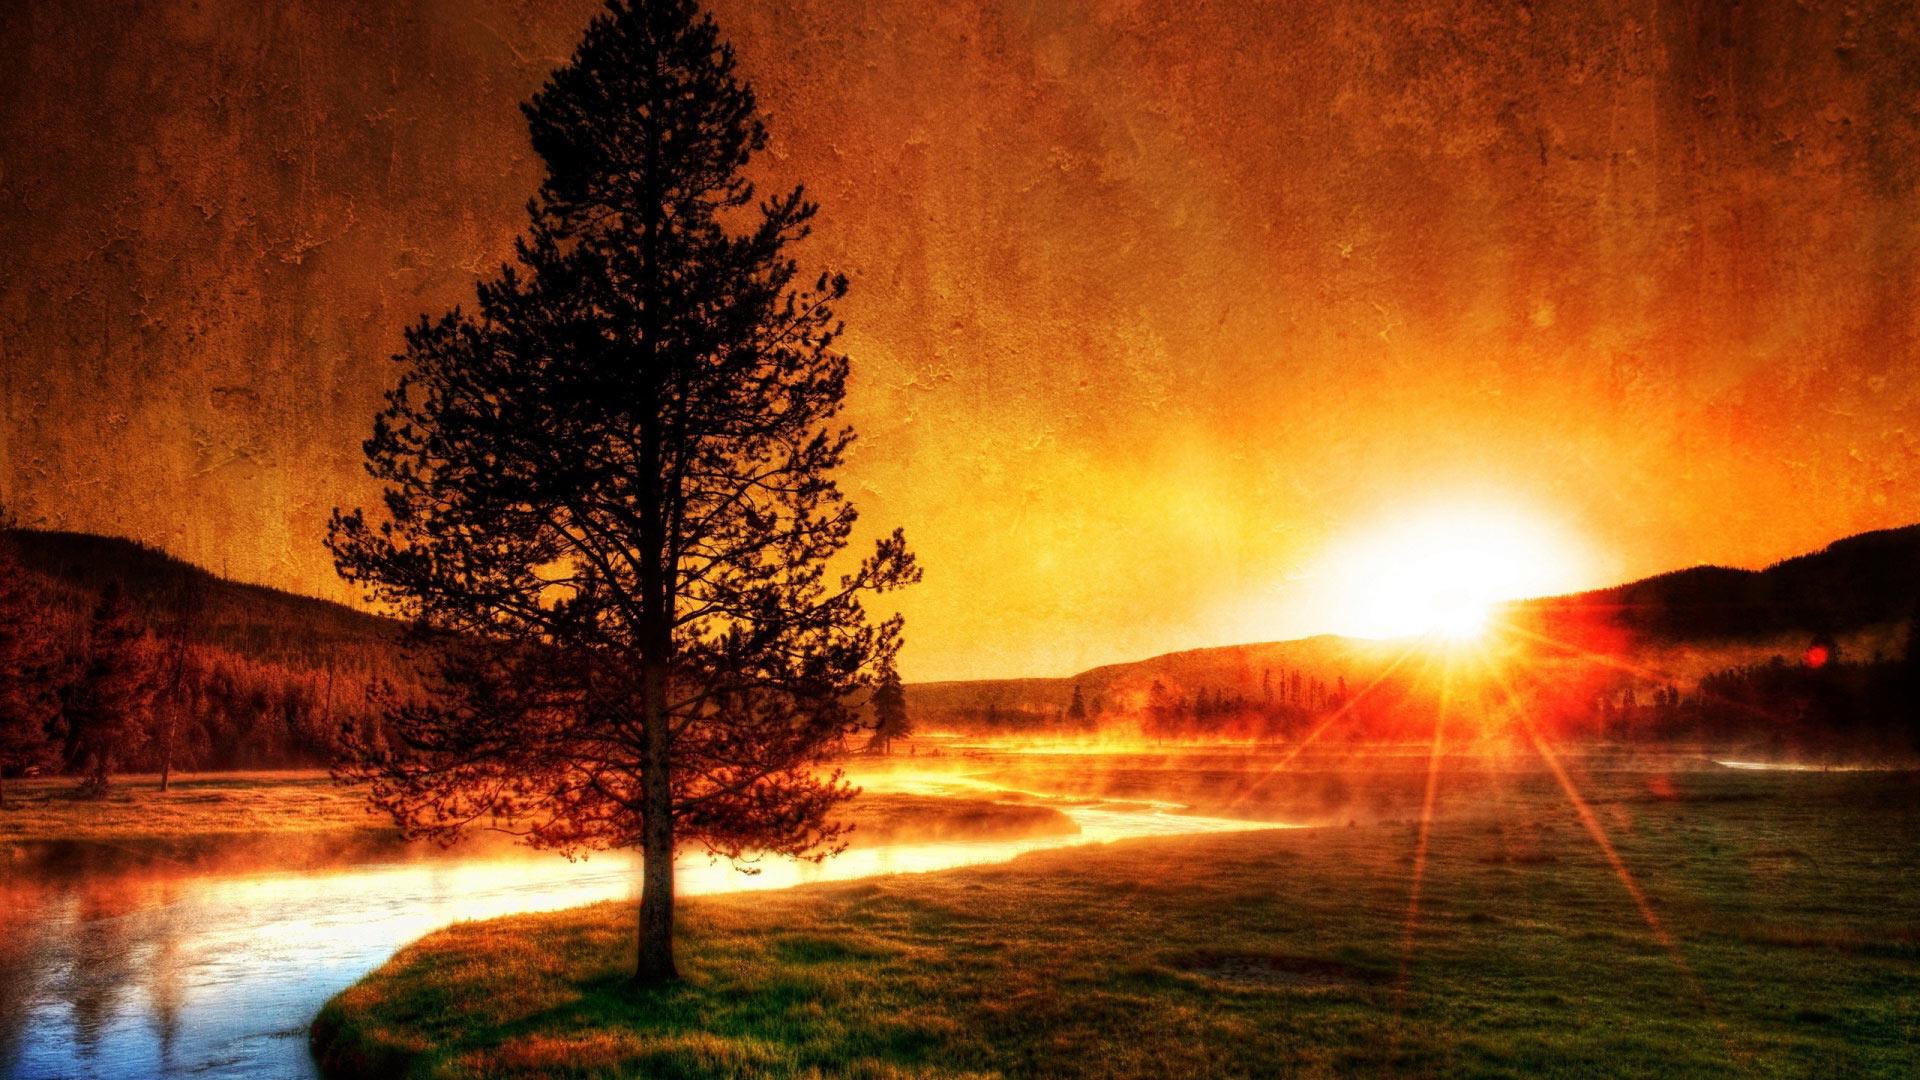 Вечерний закат. Самое интересное - Фото Дом Солнца